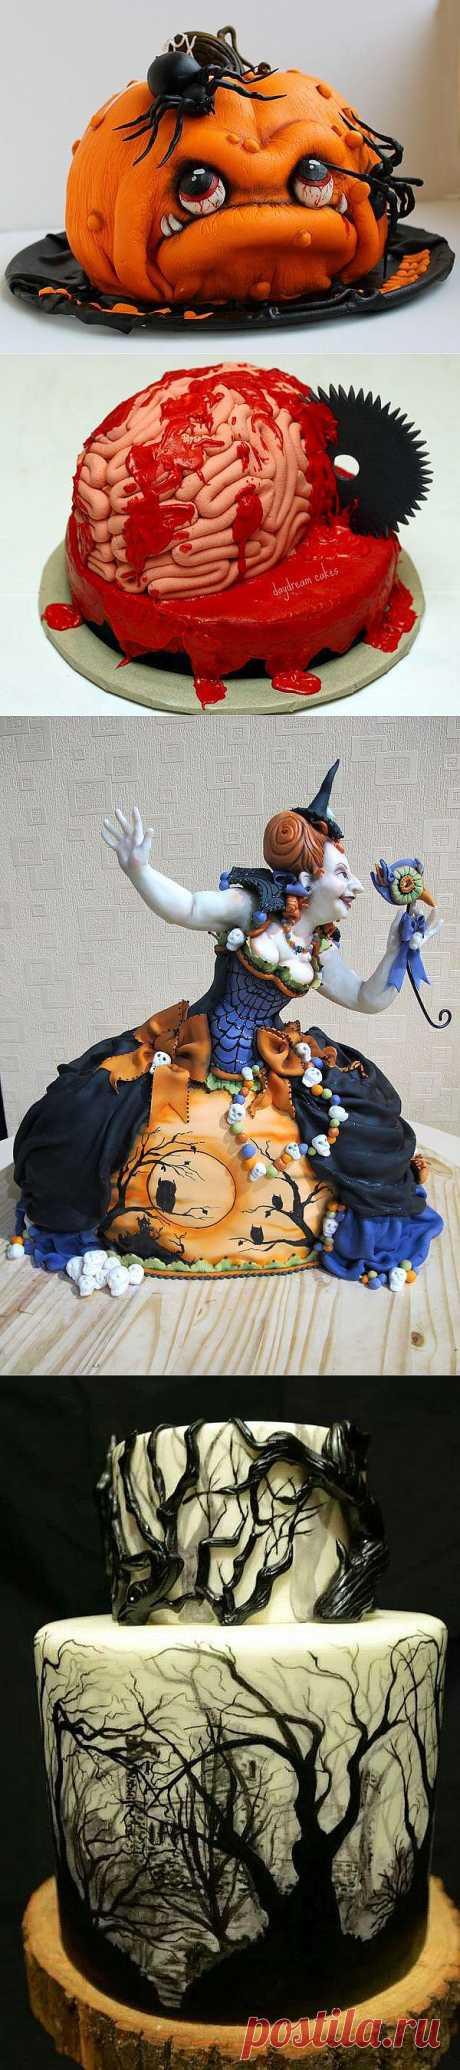 Жуткие и страшные торты на Хэллоуин | MirFactov — всё самое интересное!